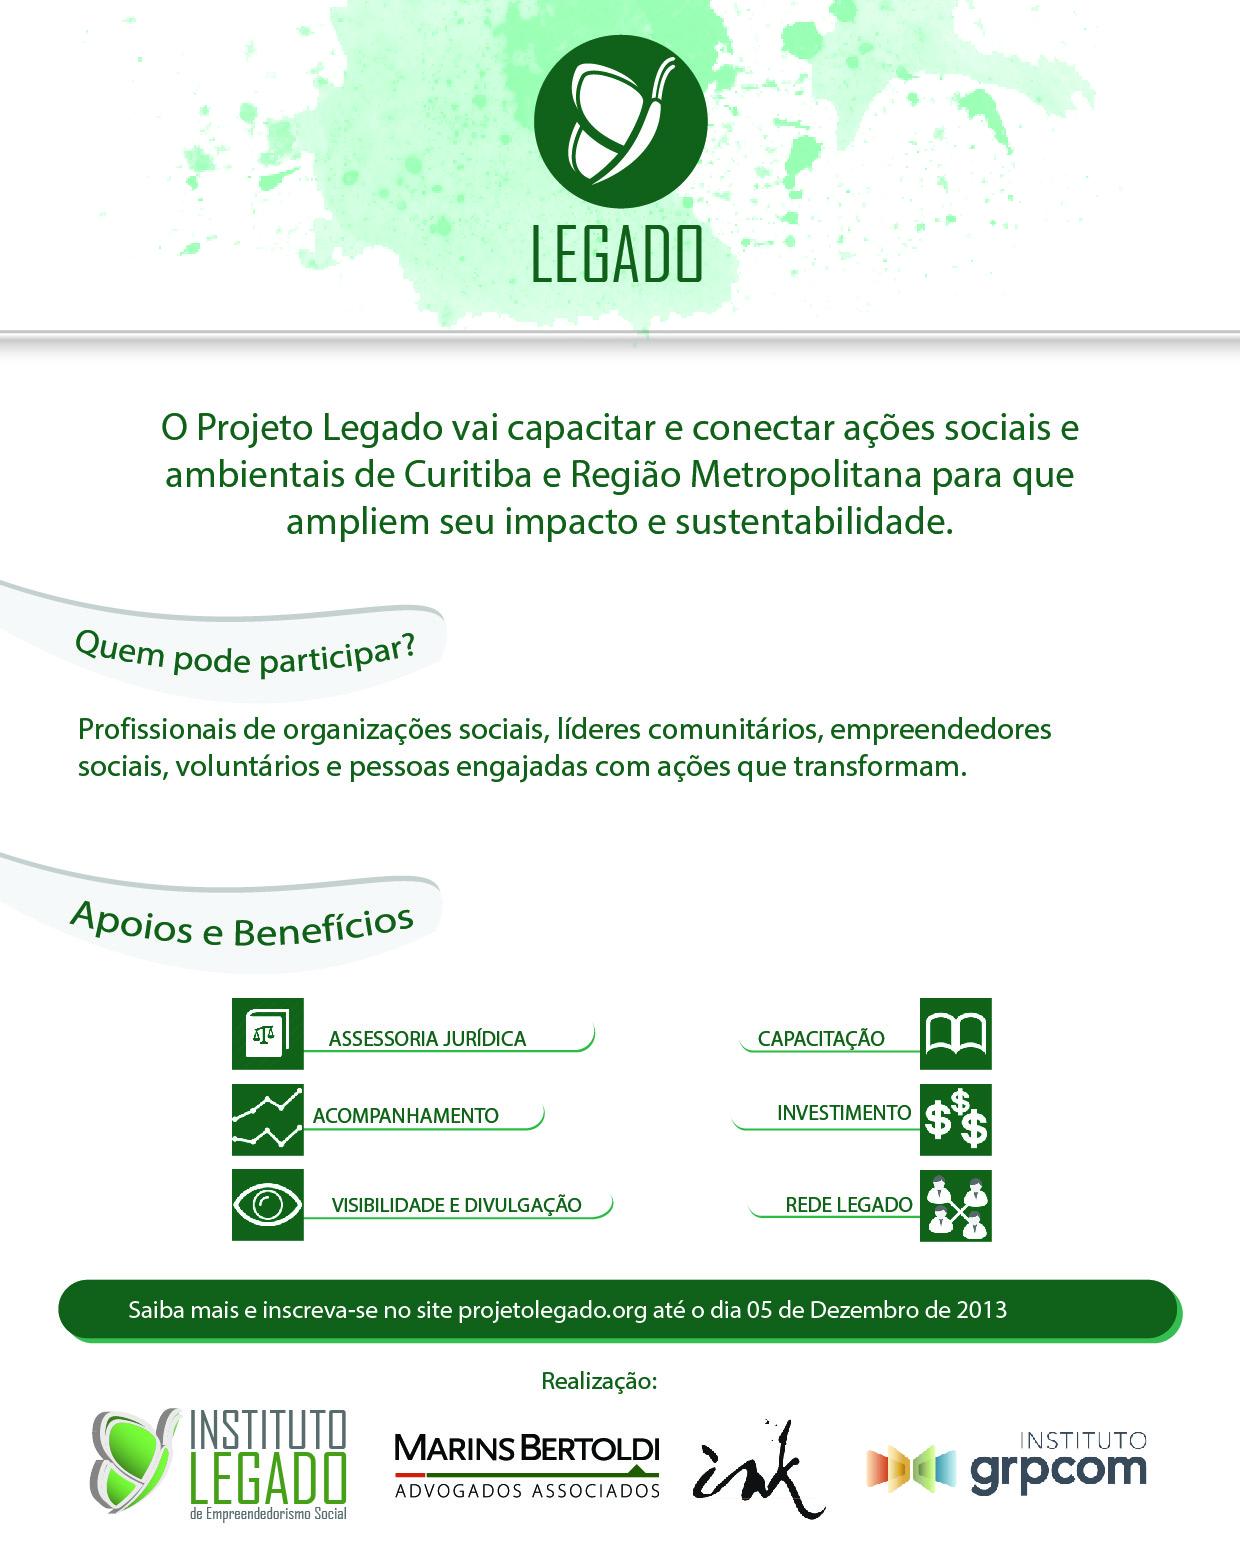 Projeto Legado: inscrições até 05/12/2013